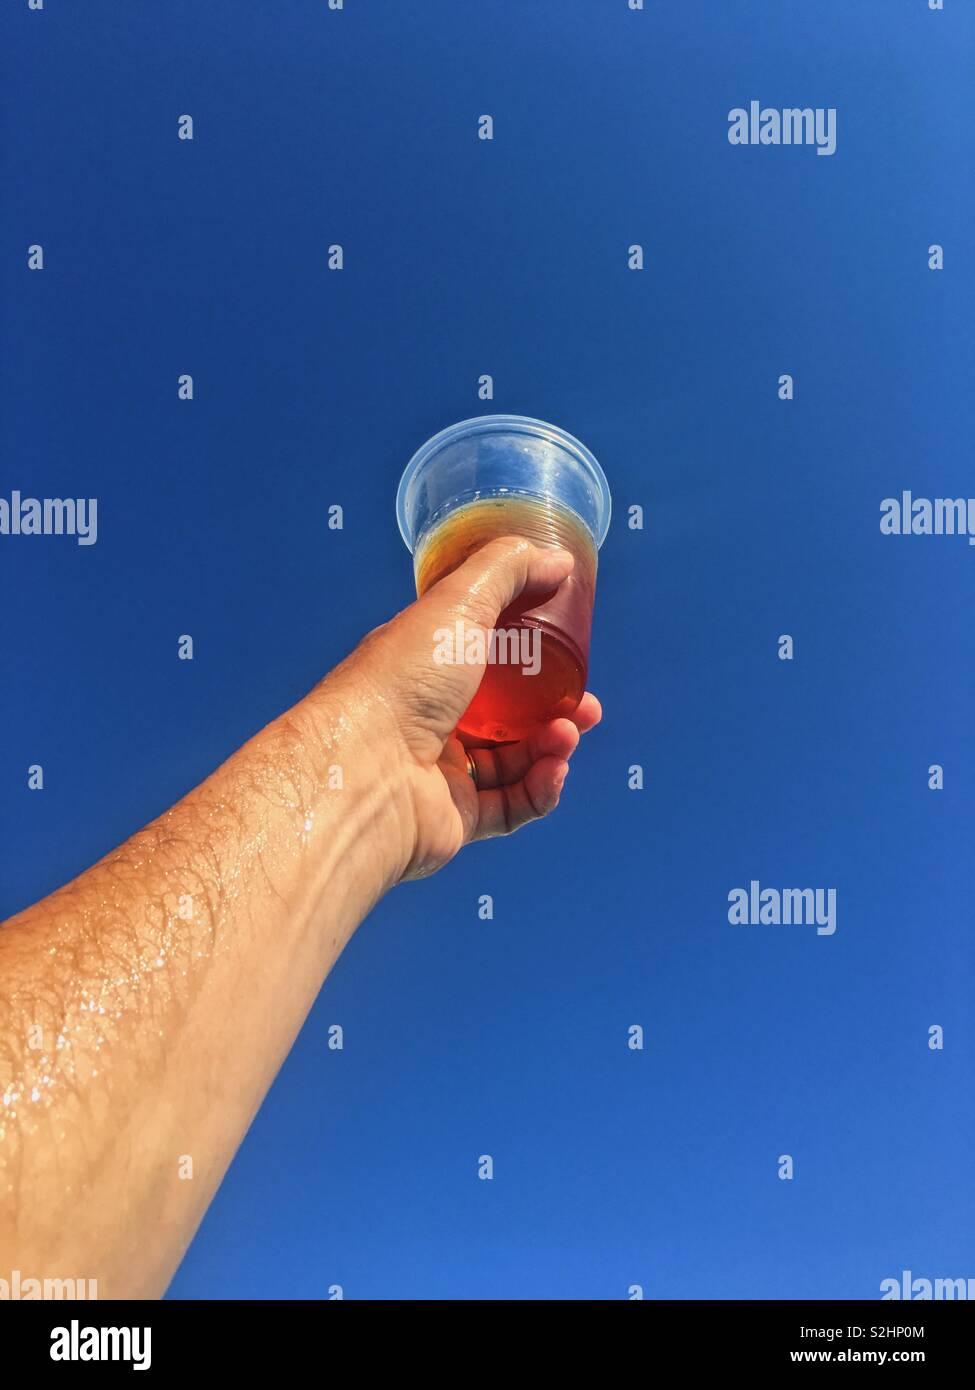 L'éducation d'un verre de bière jusqu'au ciel bleu. Banque D'Images